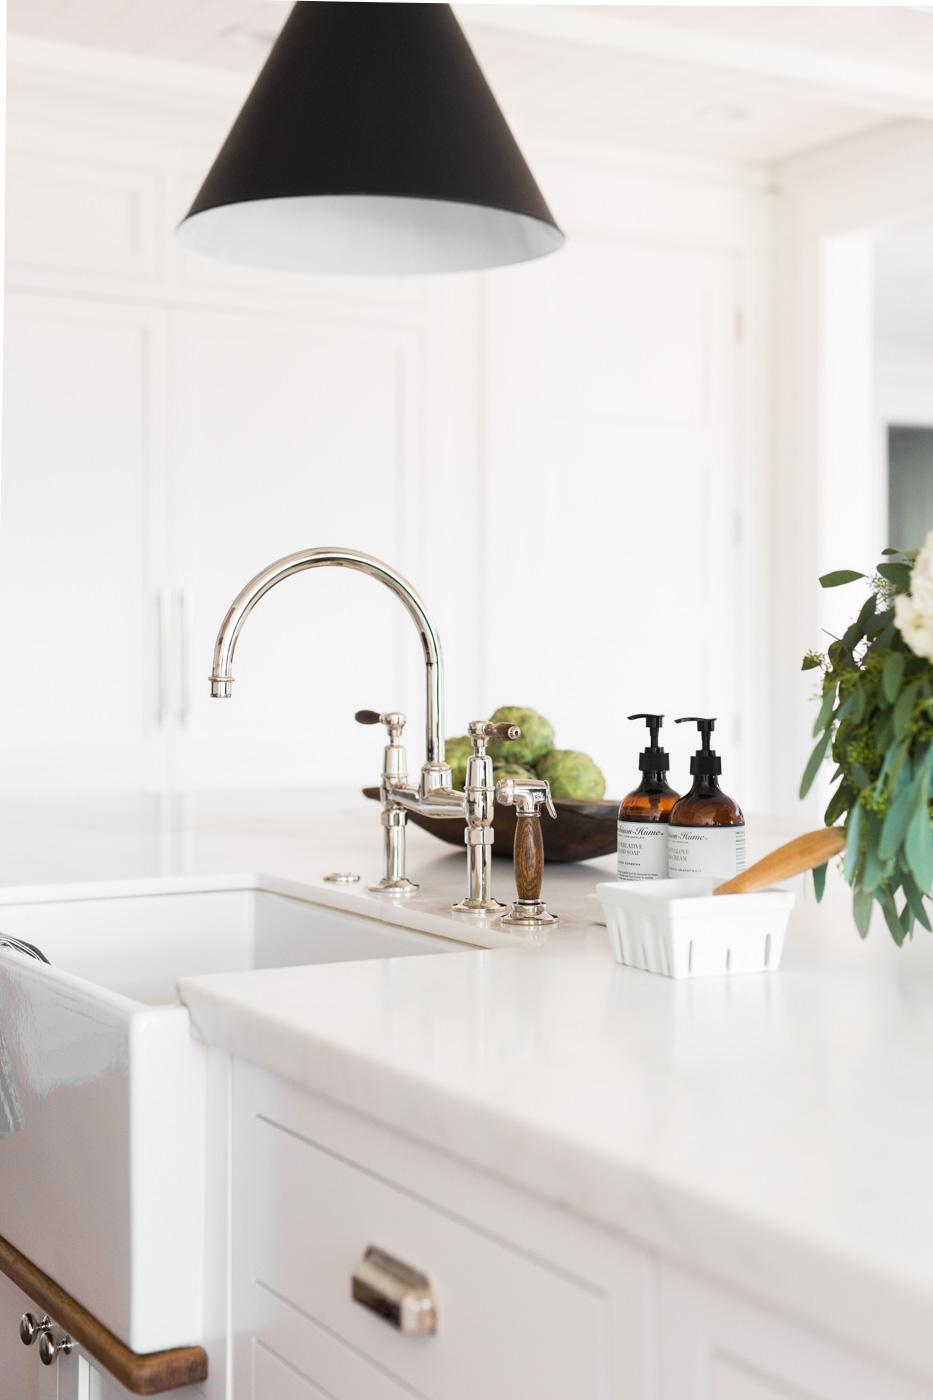 Waterworks+faucet+with+wood+handles+||+Studio+McGee.jpg